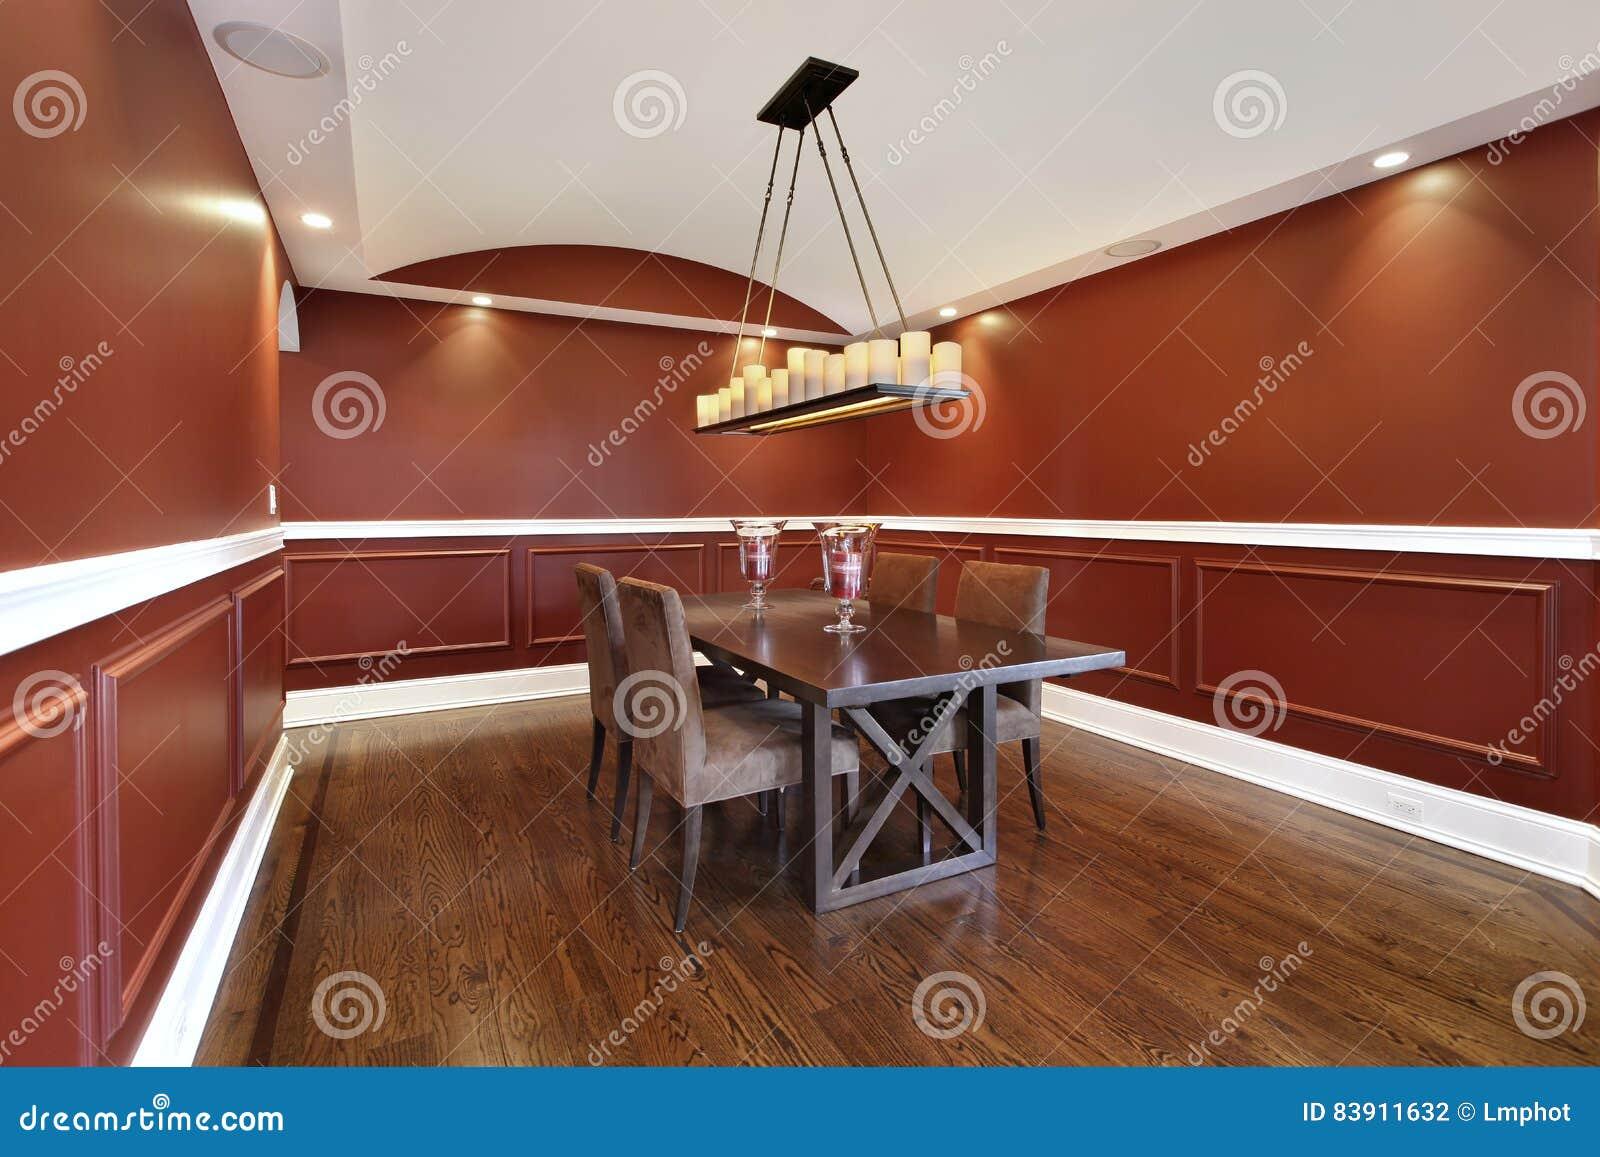 Eetkamer Van Oranje : Eetkamer met oranje muren stock foto afbeelding bestaande uit